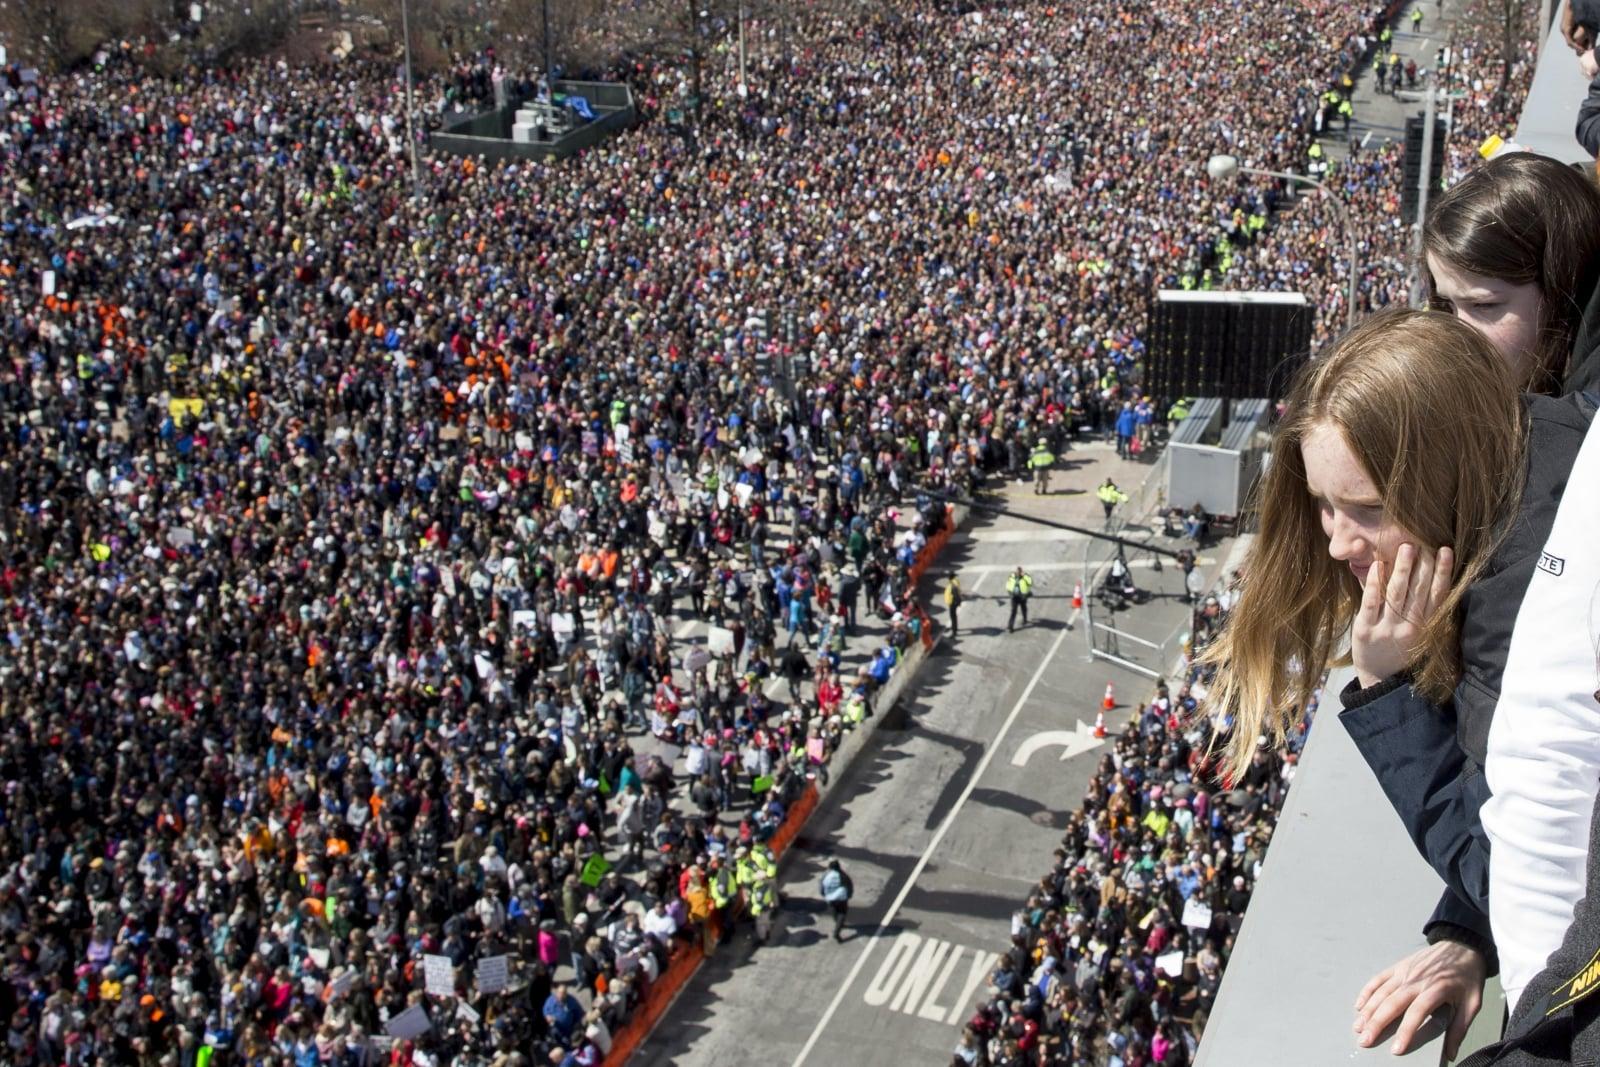 Marsz dla żyć - protest młodych ludzi przeciwko coraz częstszym atakom z bronią, Waszyngton